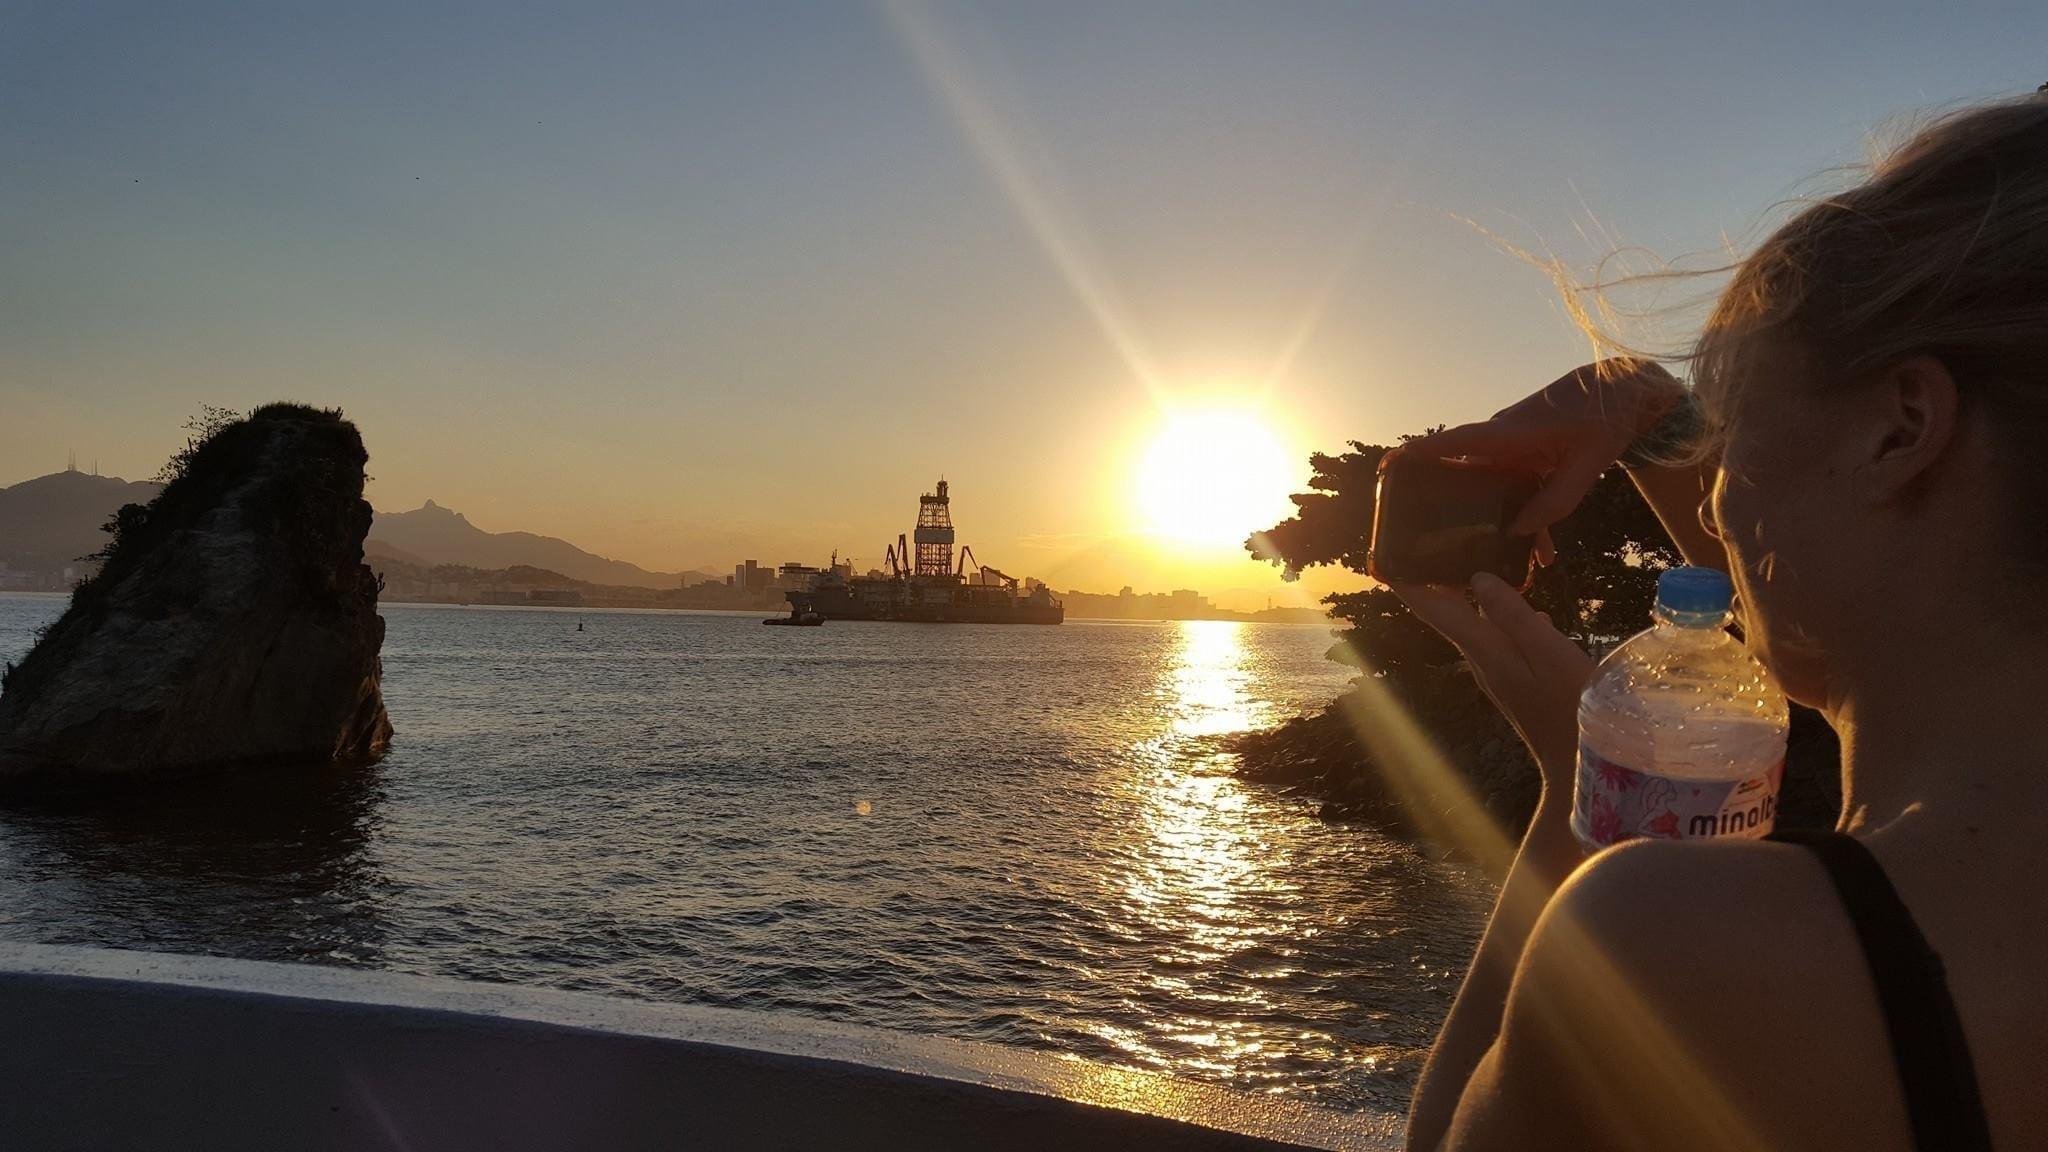 Watching Rio from Niterói